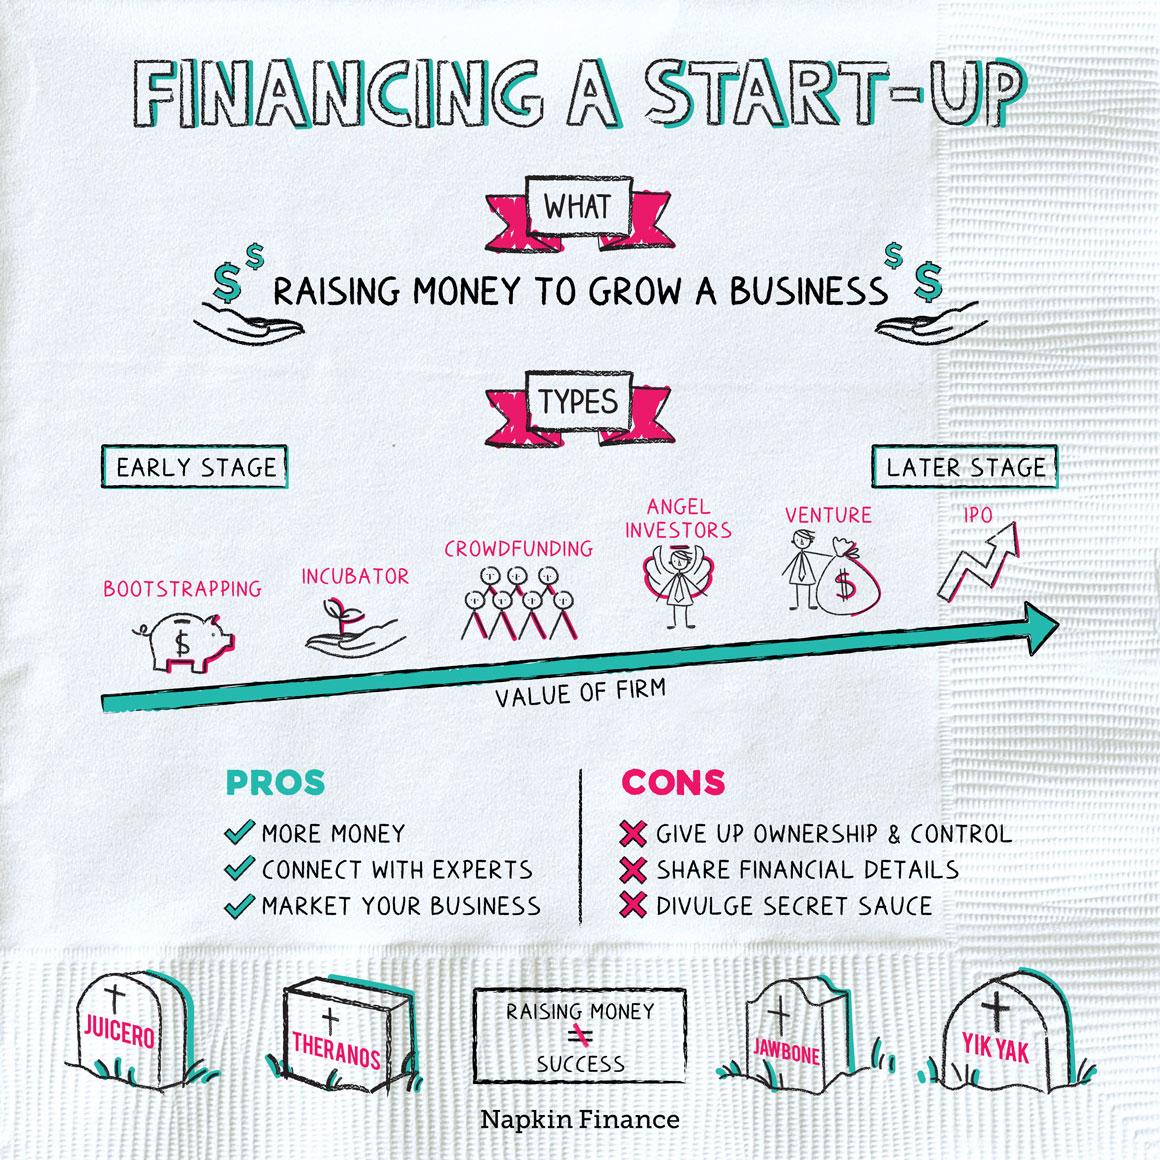 Financing a Start-up